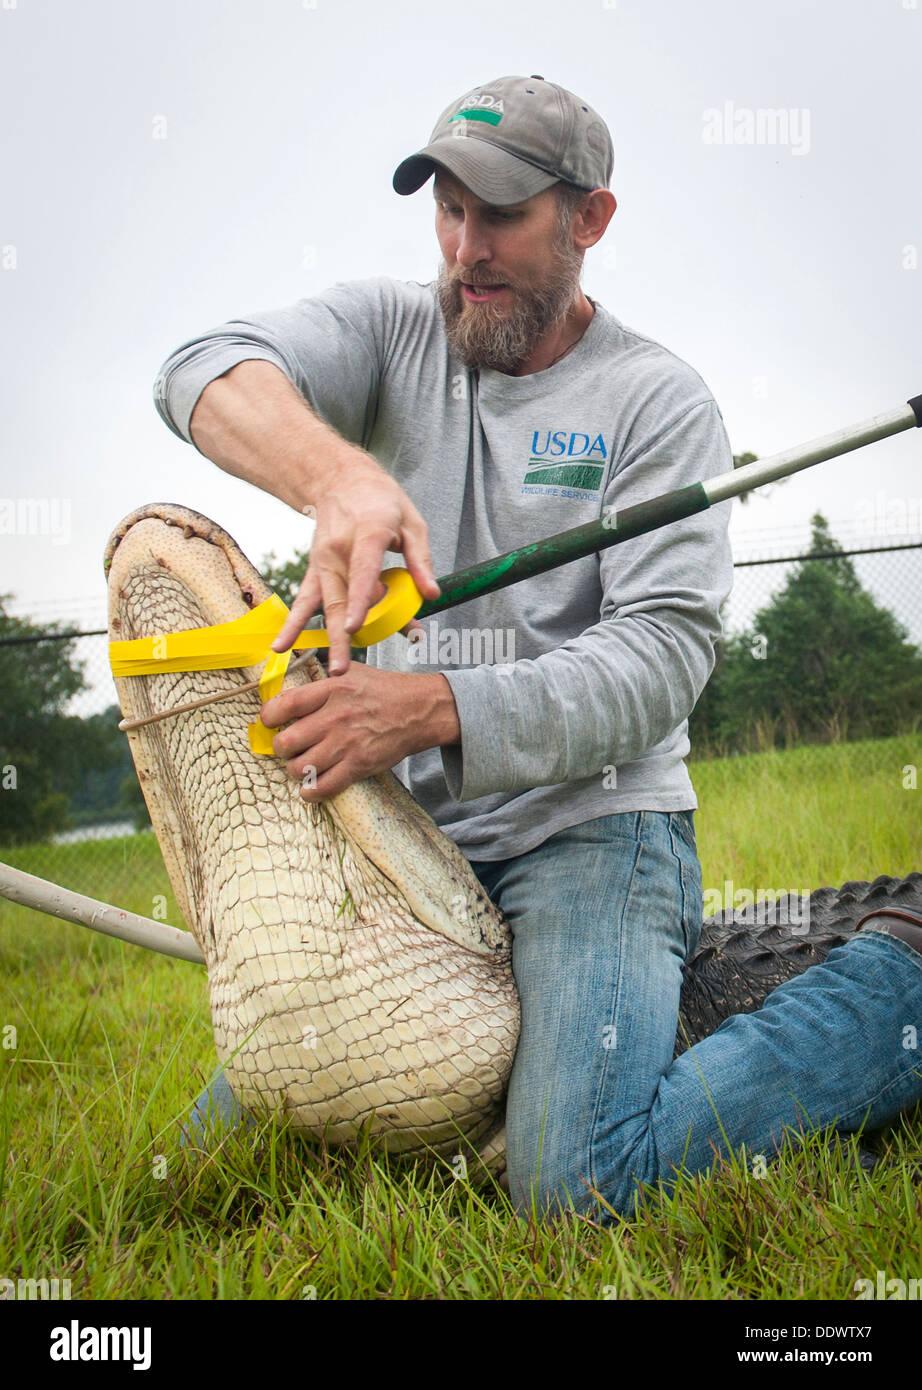 USDA Biologe bindet ein Ärgernis Alligator nach gefangen 25. Juli 2013 auf Moody Air Force Base, Georgia, 25. Juli 2013. Der Alligator musste verlegt werden, nachdem es Angst vor Menschen durch Verfütterung verloren. Stockbild